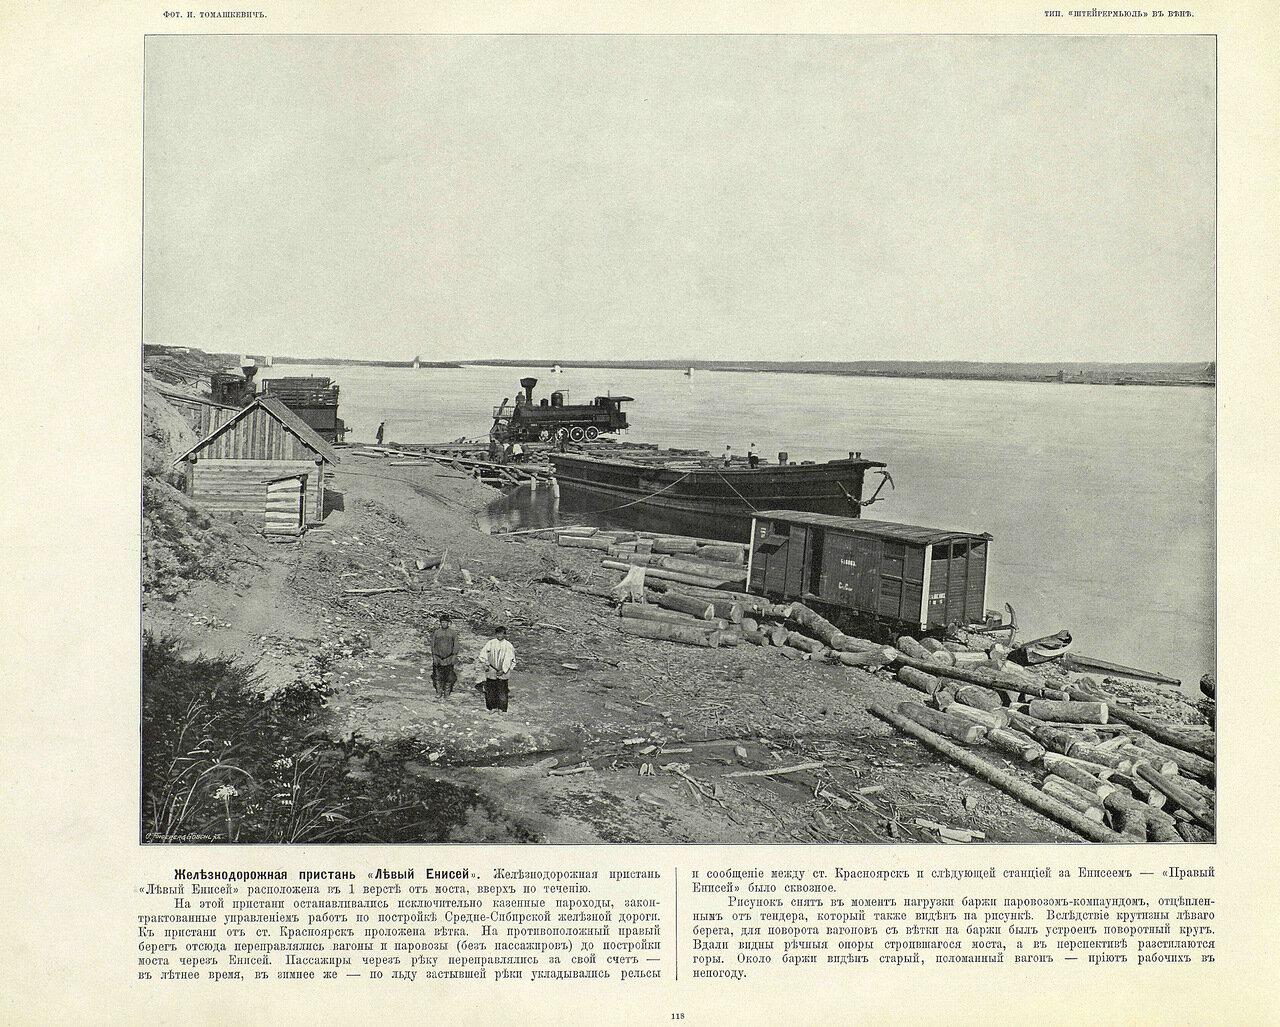 118. Железнодорожная пристань «Левый Енисей»